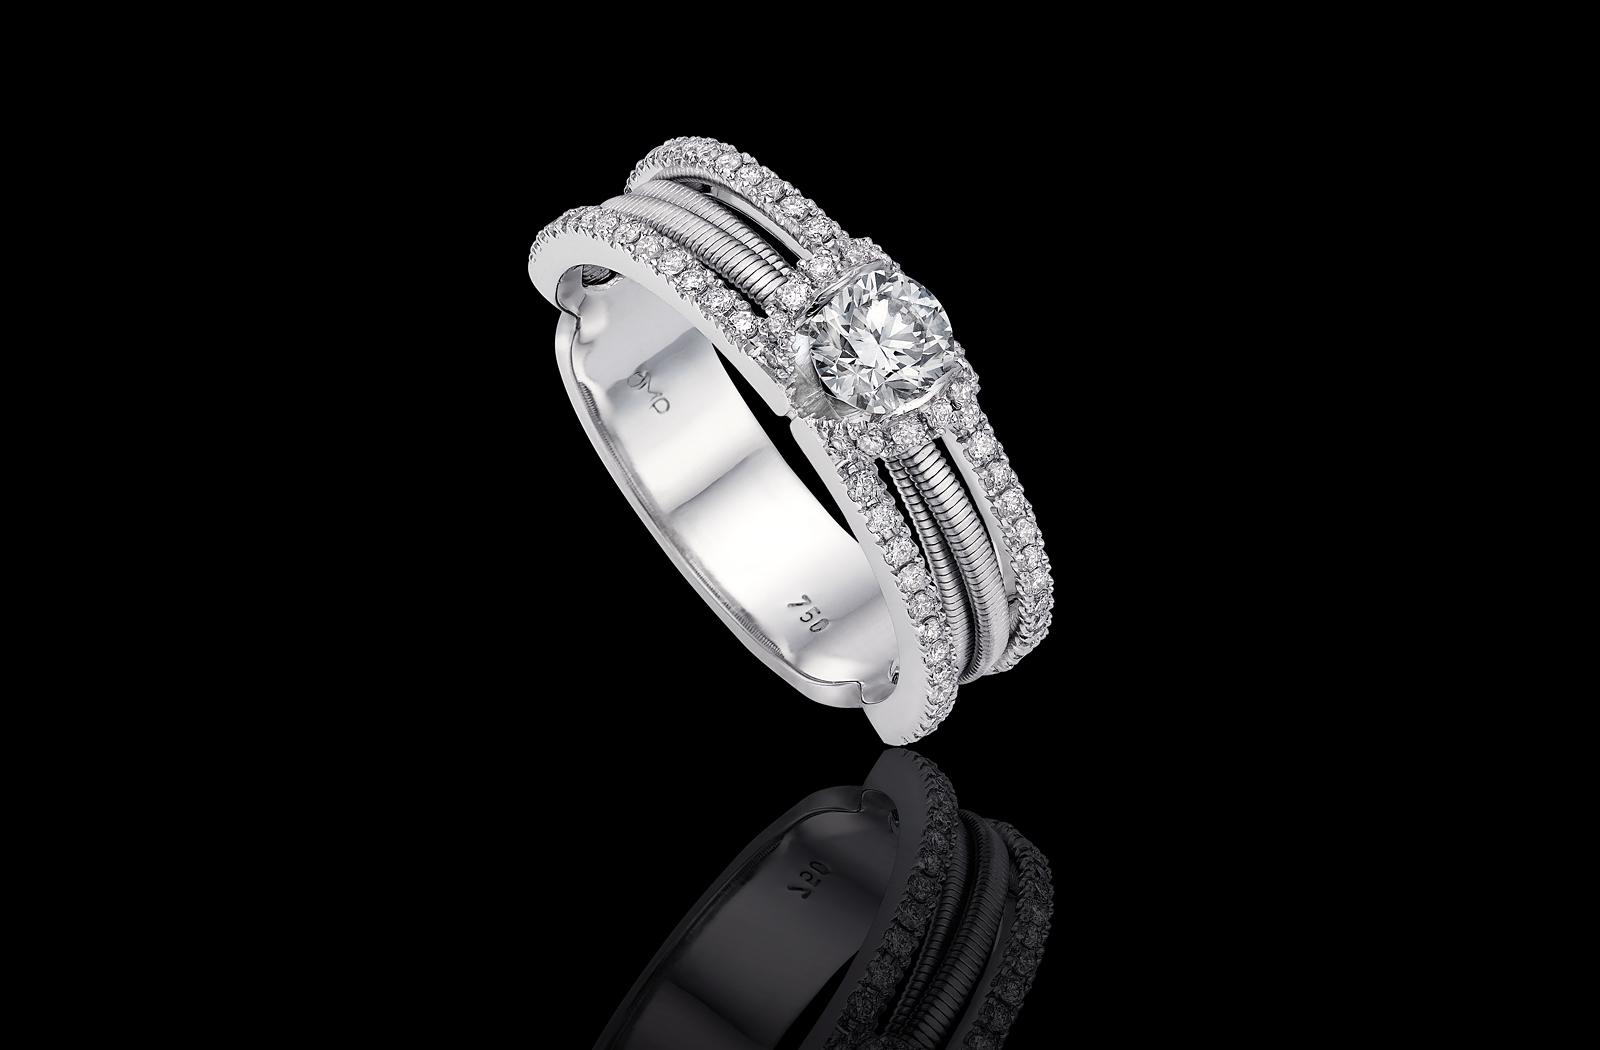 טבעת בזהב לבן 18K משובצת יהלום מרכזי ומעוטרת ביהלומים סביב